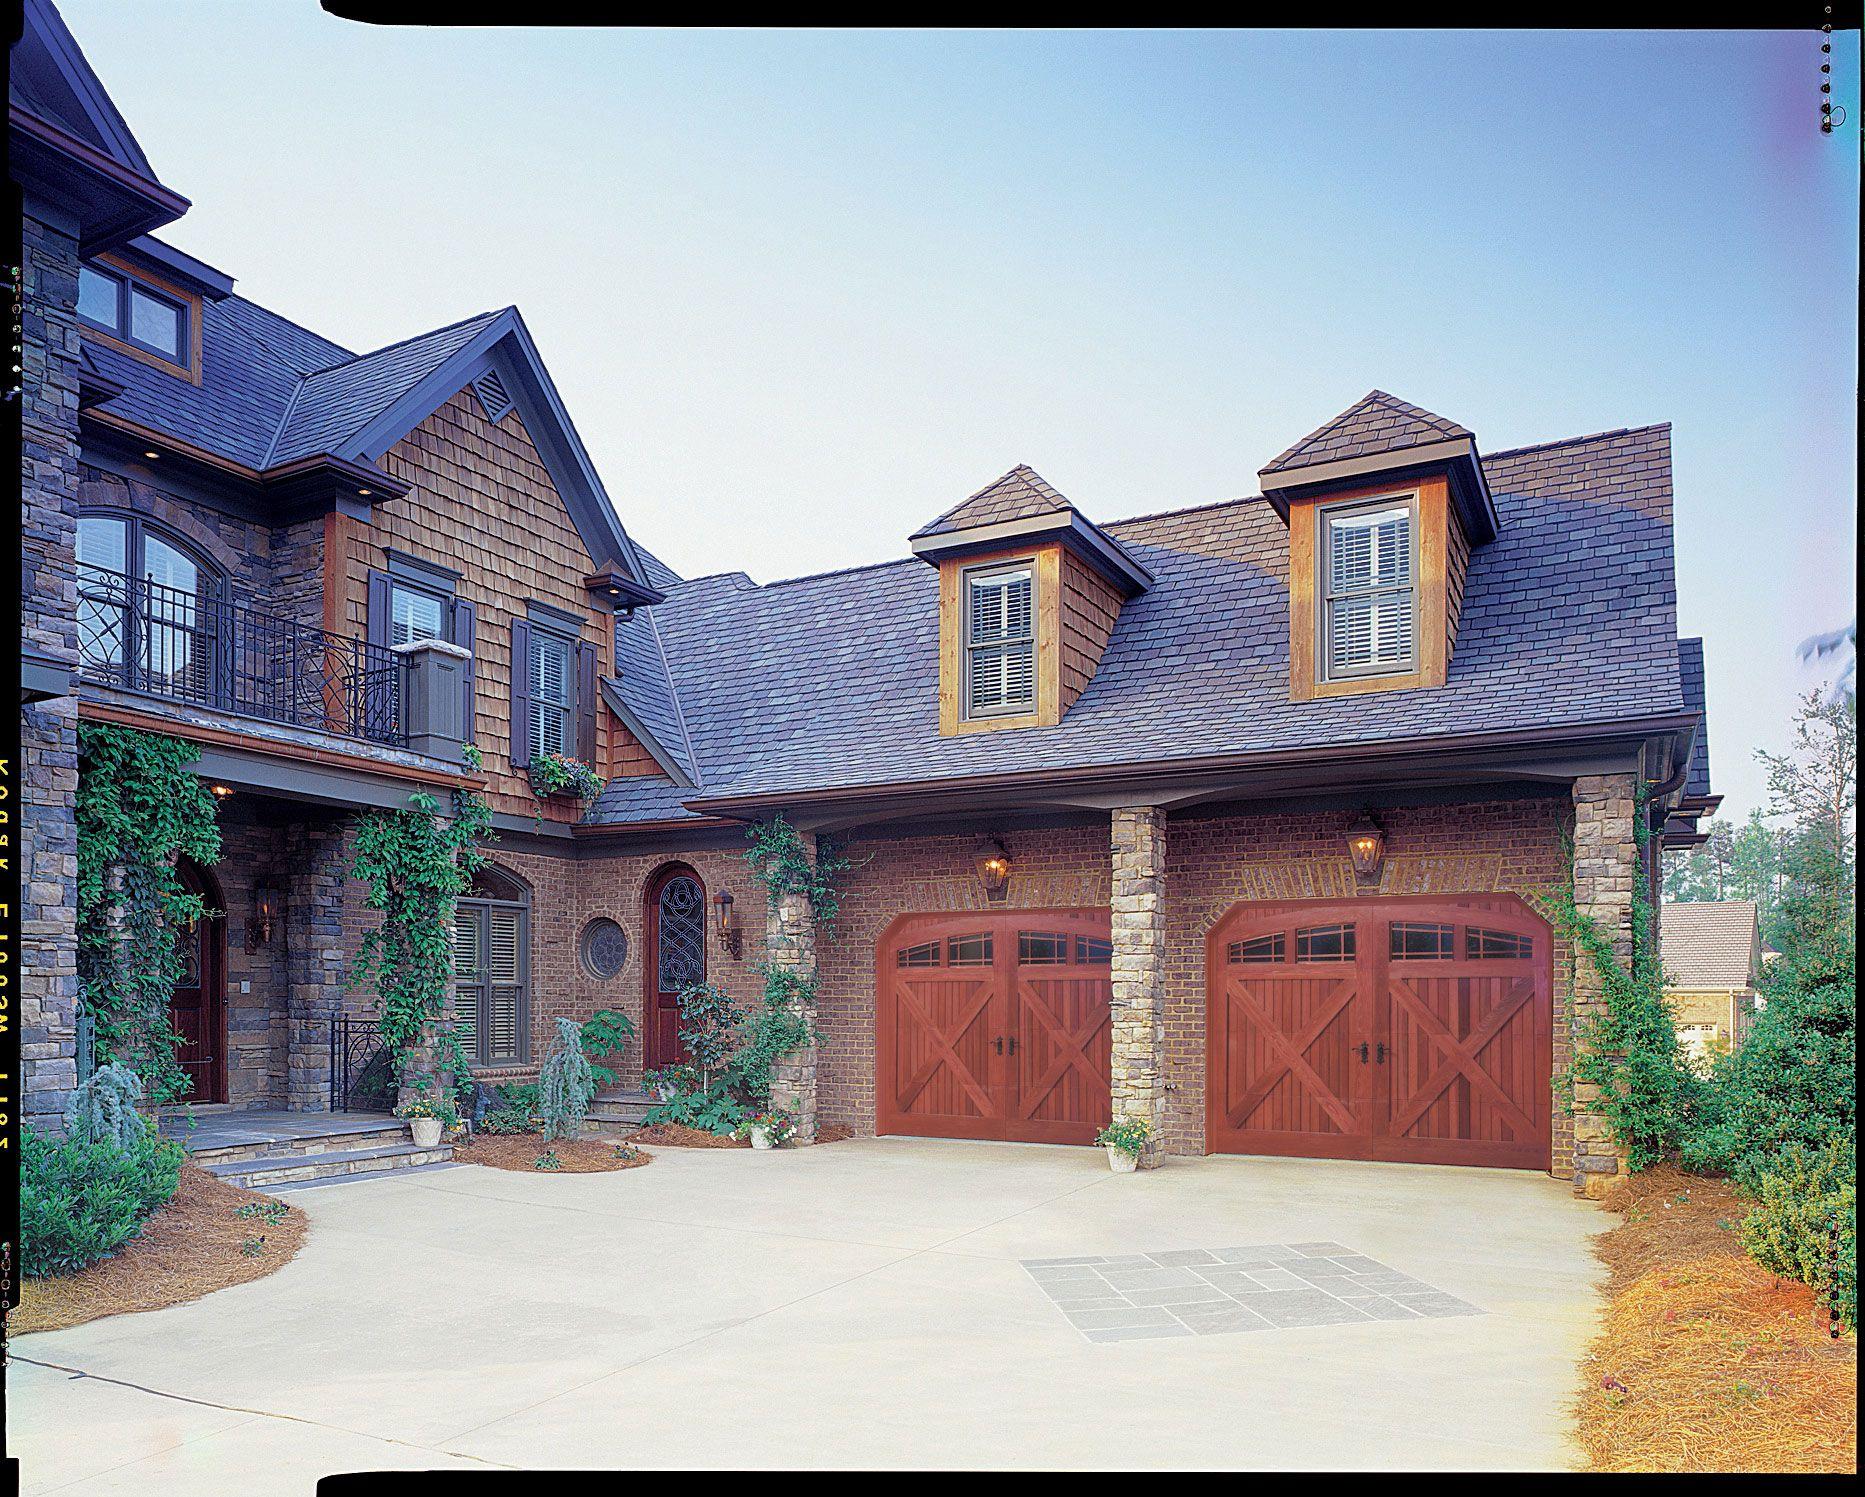 Garage Doors Residential And Commercial Amarr Garage Doors Custom Garage Doors Garage Door Types Garage Door Styles